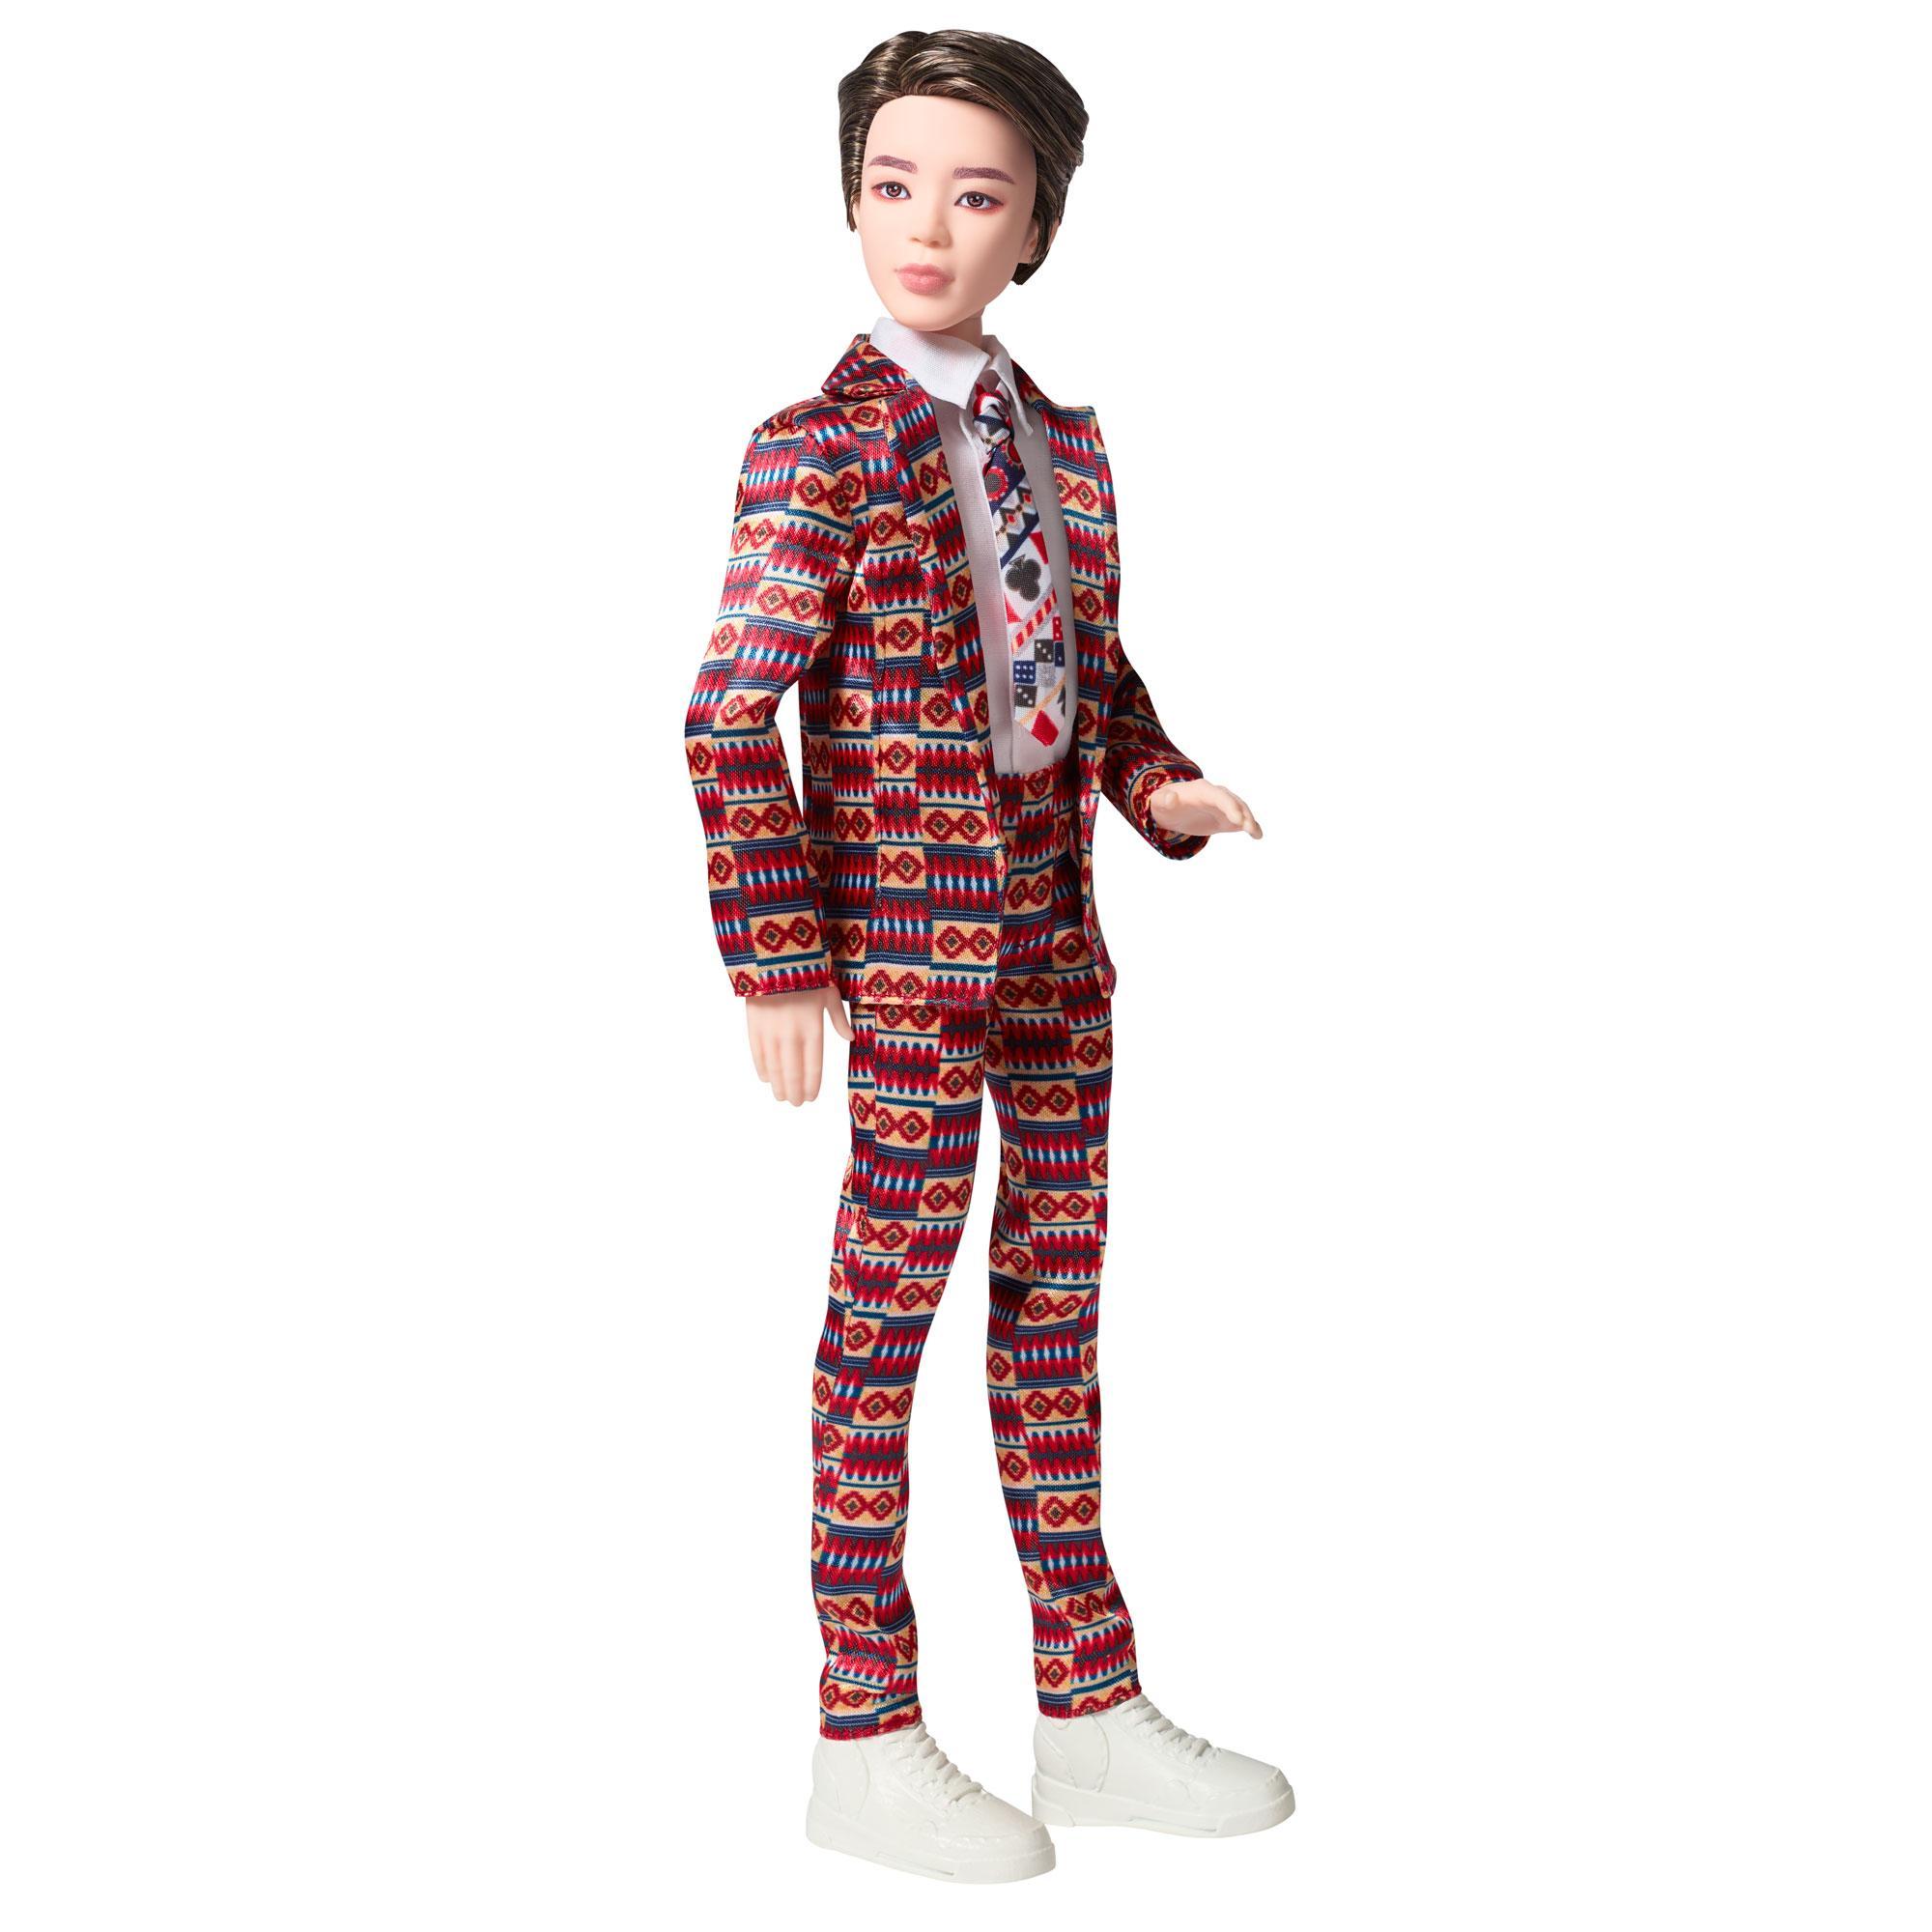 [PRE-ORDER] BTS Jimin Idol Doll